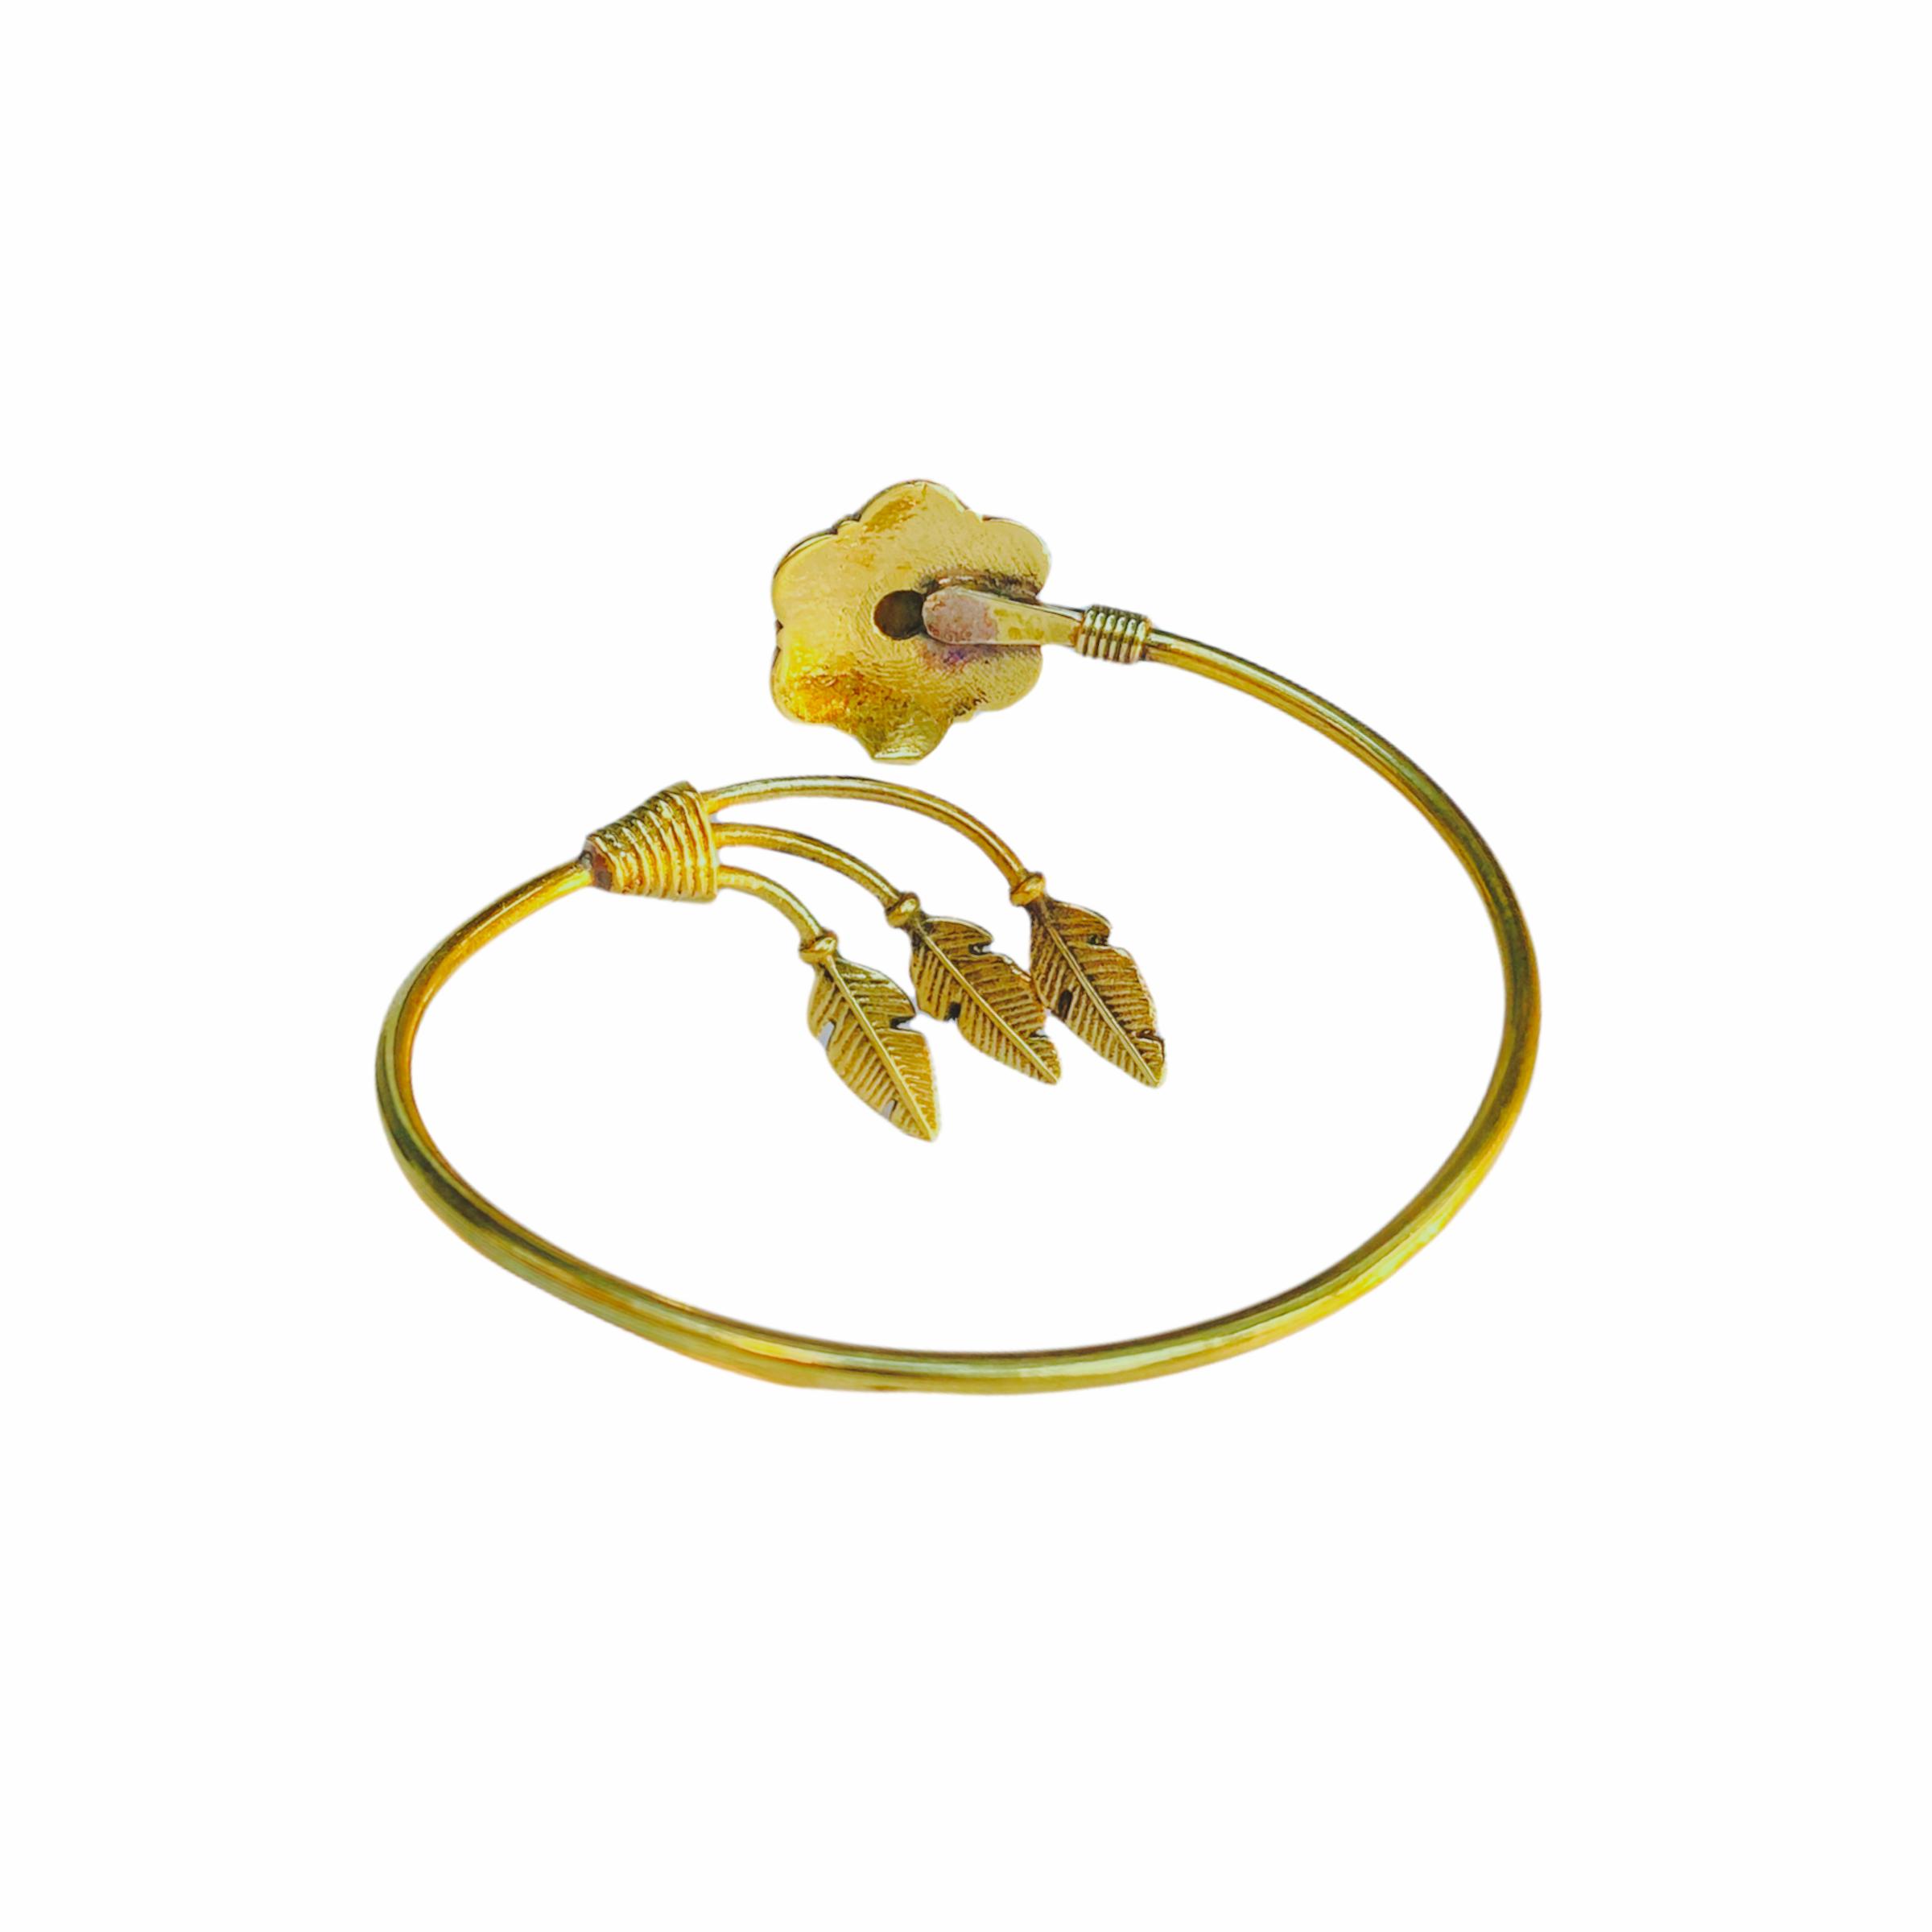 Βραχιόλι Χειροποίητο Λουλούδι Με Μάτι Της Τίγρης Σε Χρυσό Χρώμα